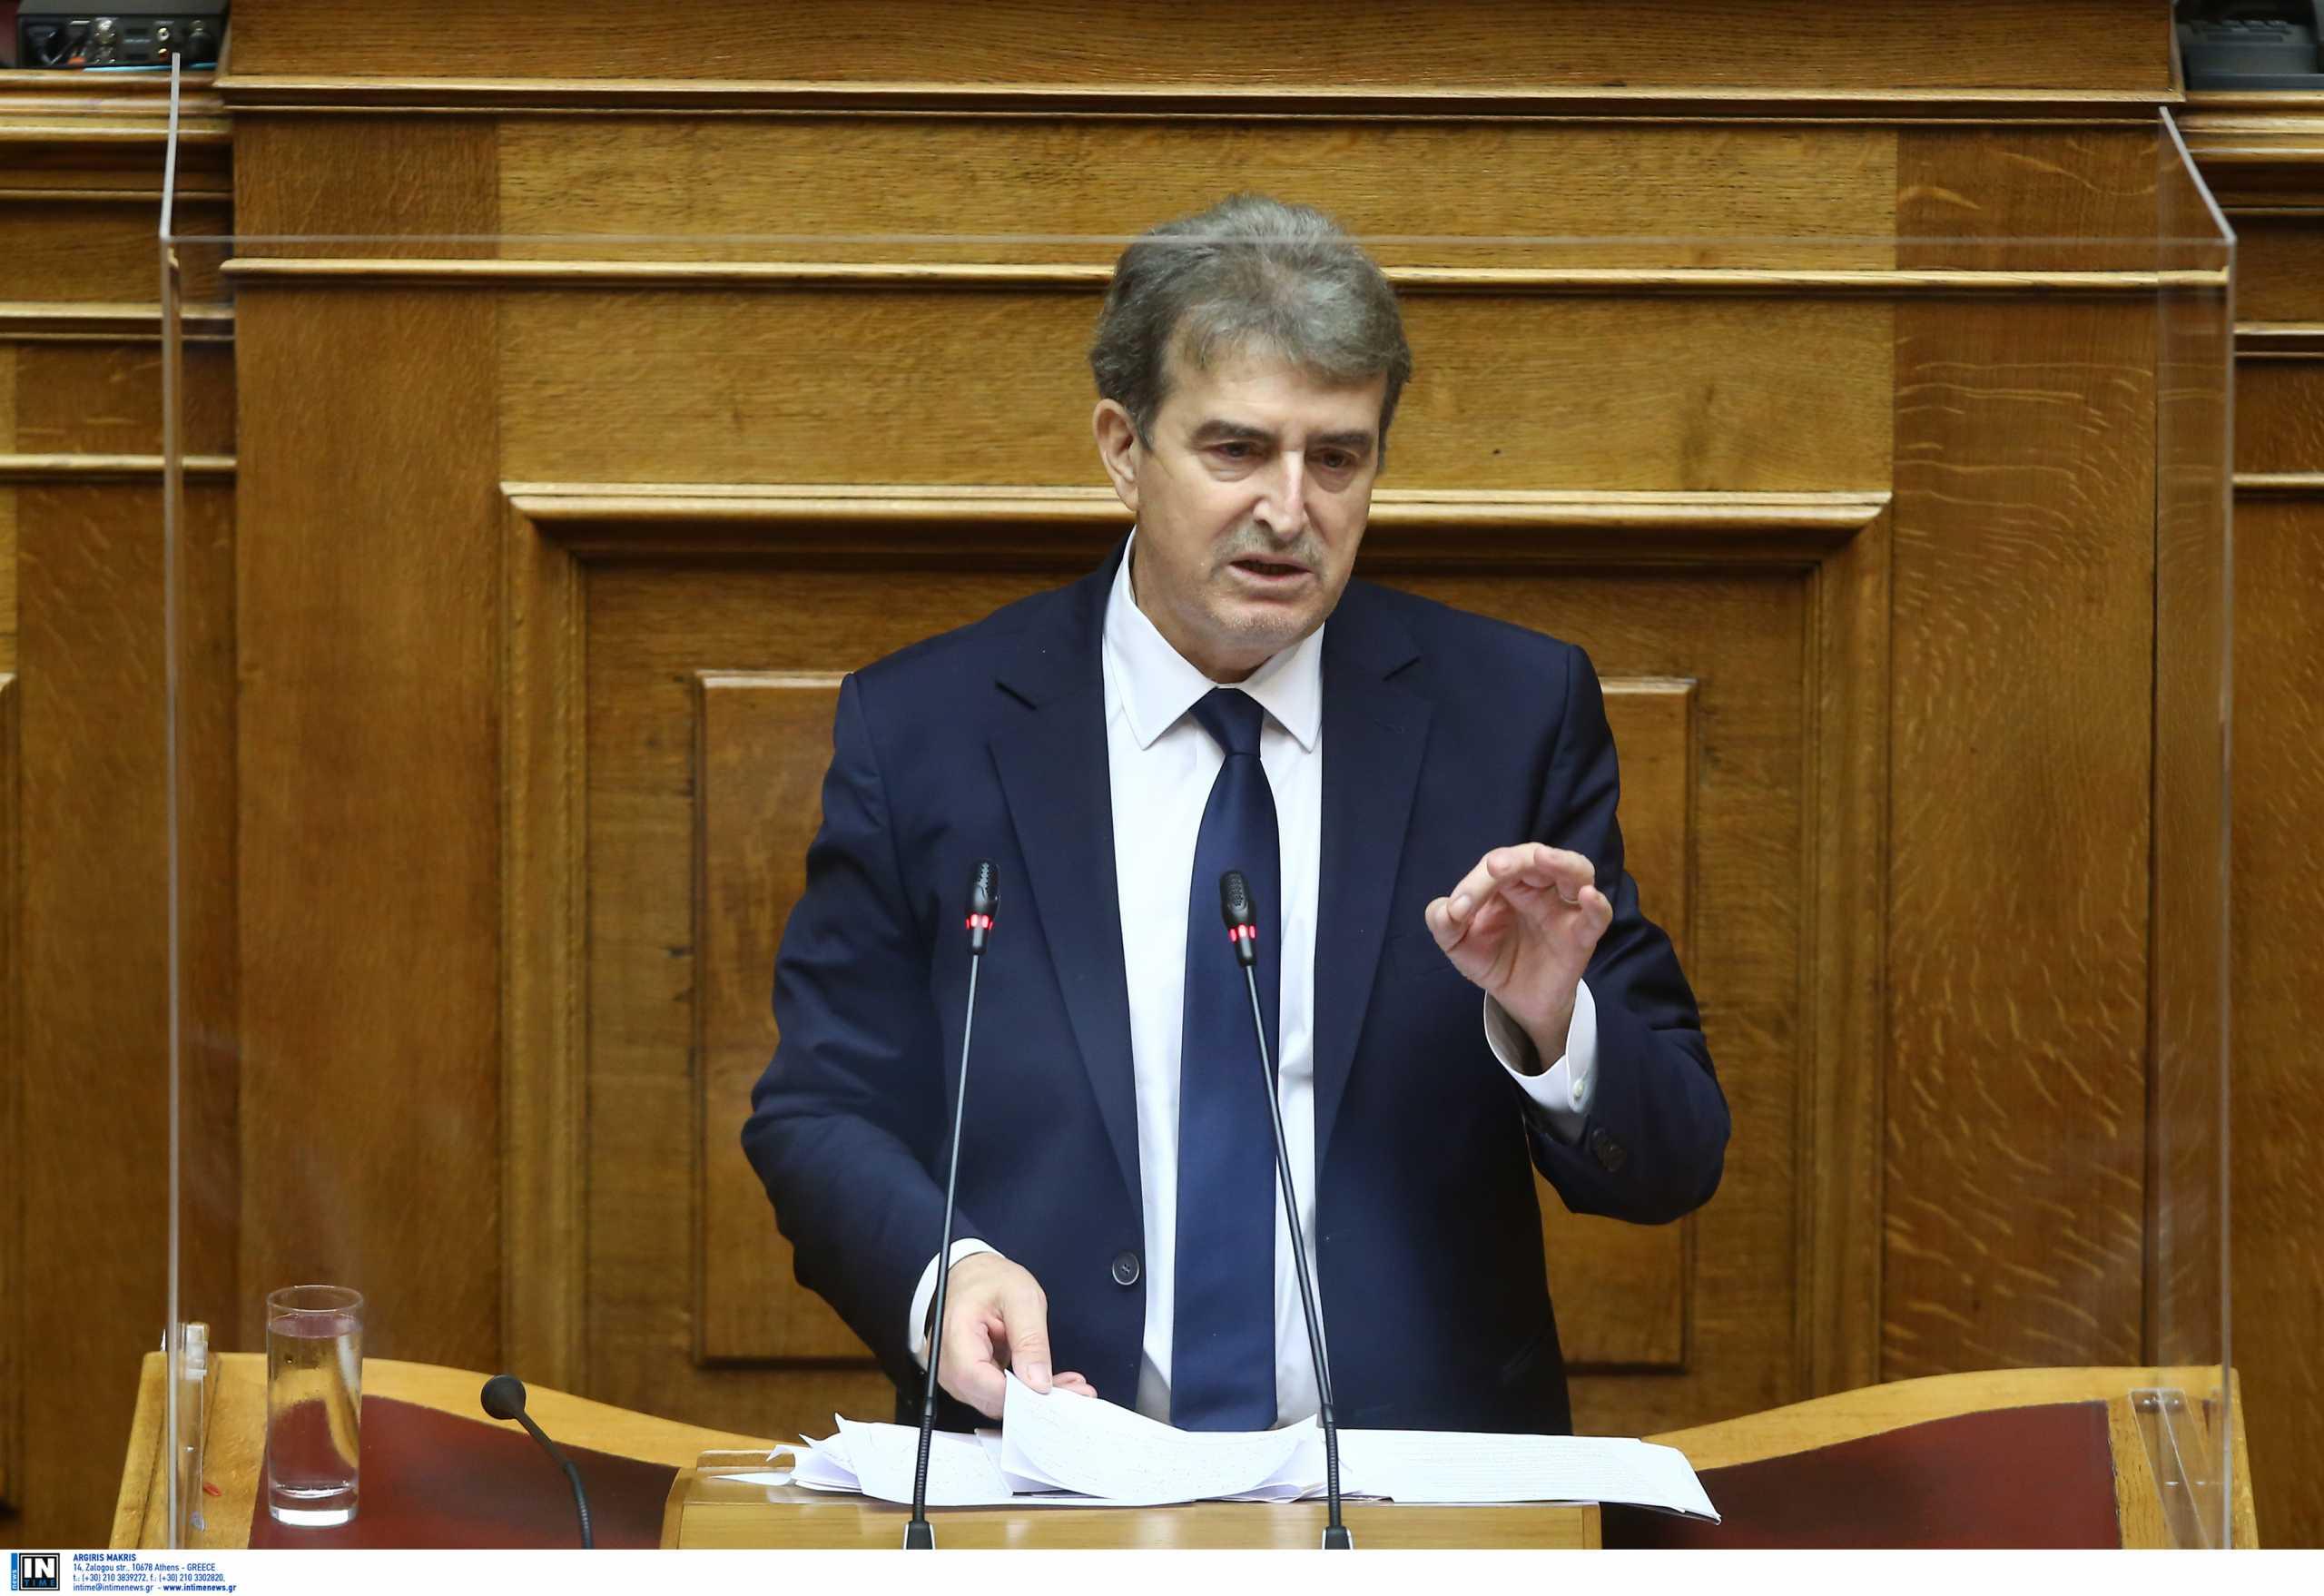 Χρυσοχοϊδης σε Τσίπρα: «Ανίερο να σκυλεύεις πολιτική σε φρέσκο αίμα δημοσιογράφου»